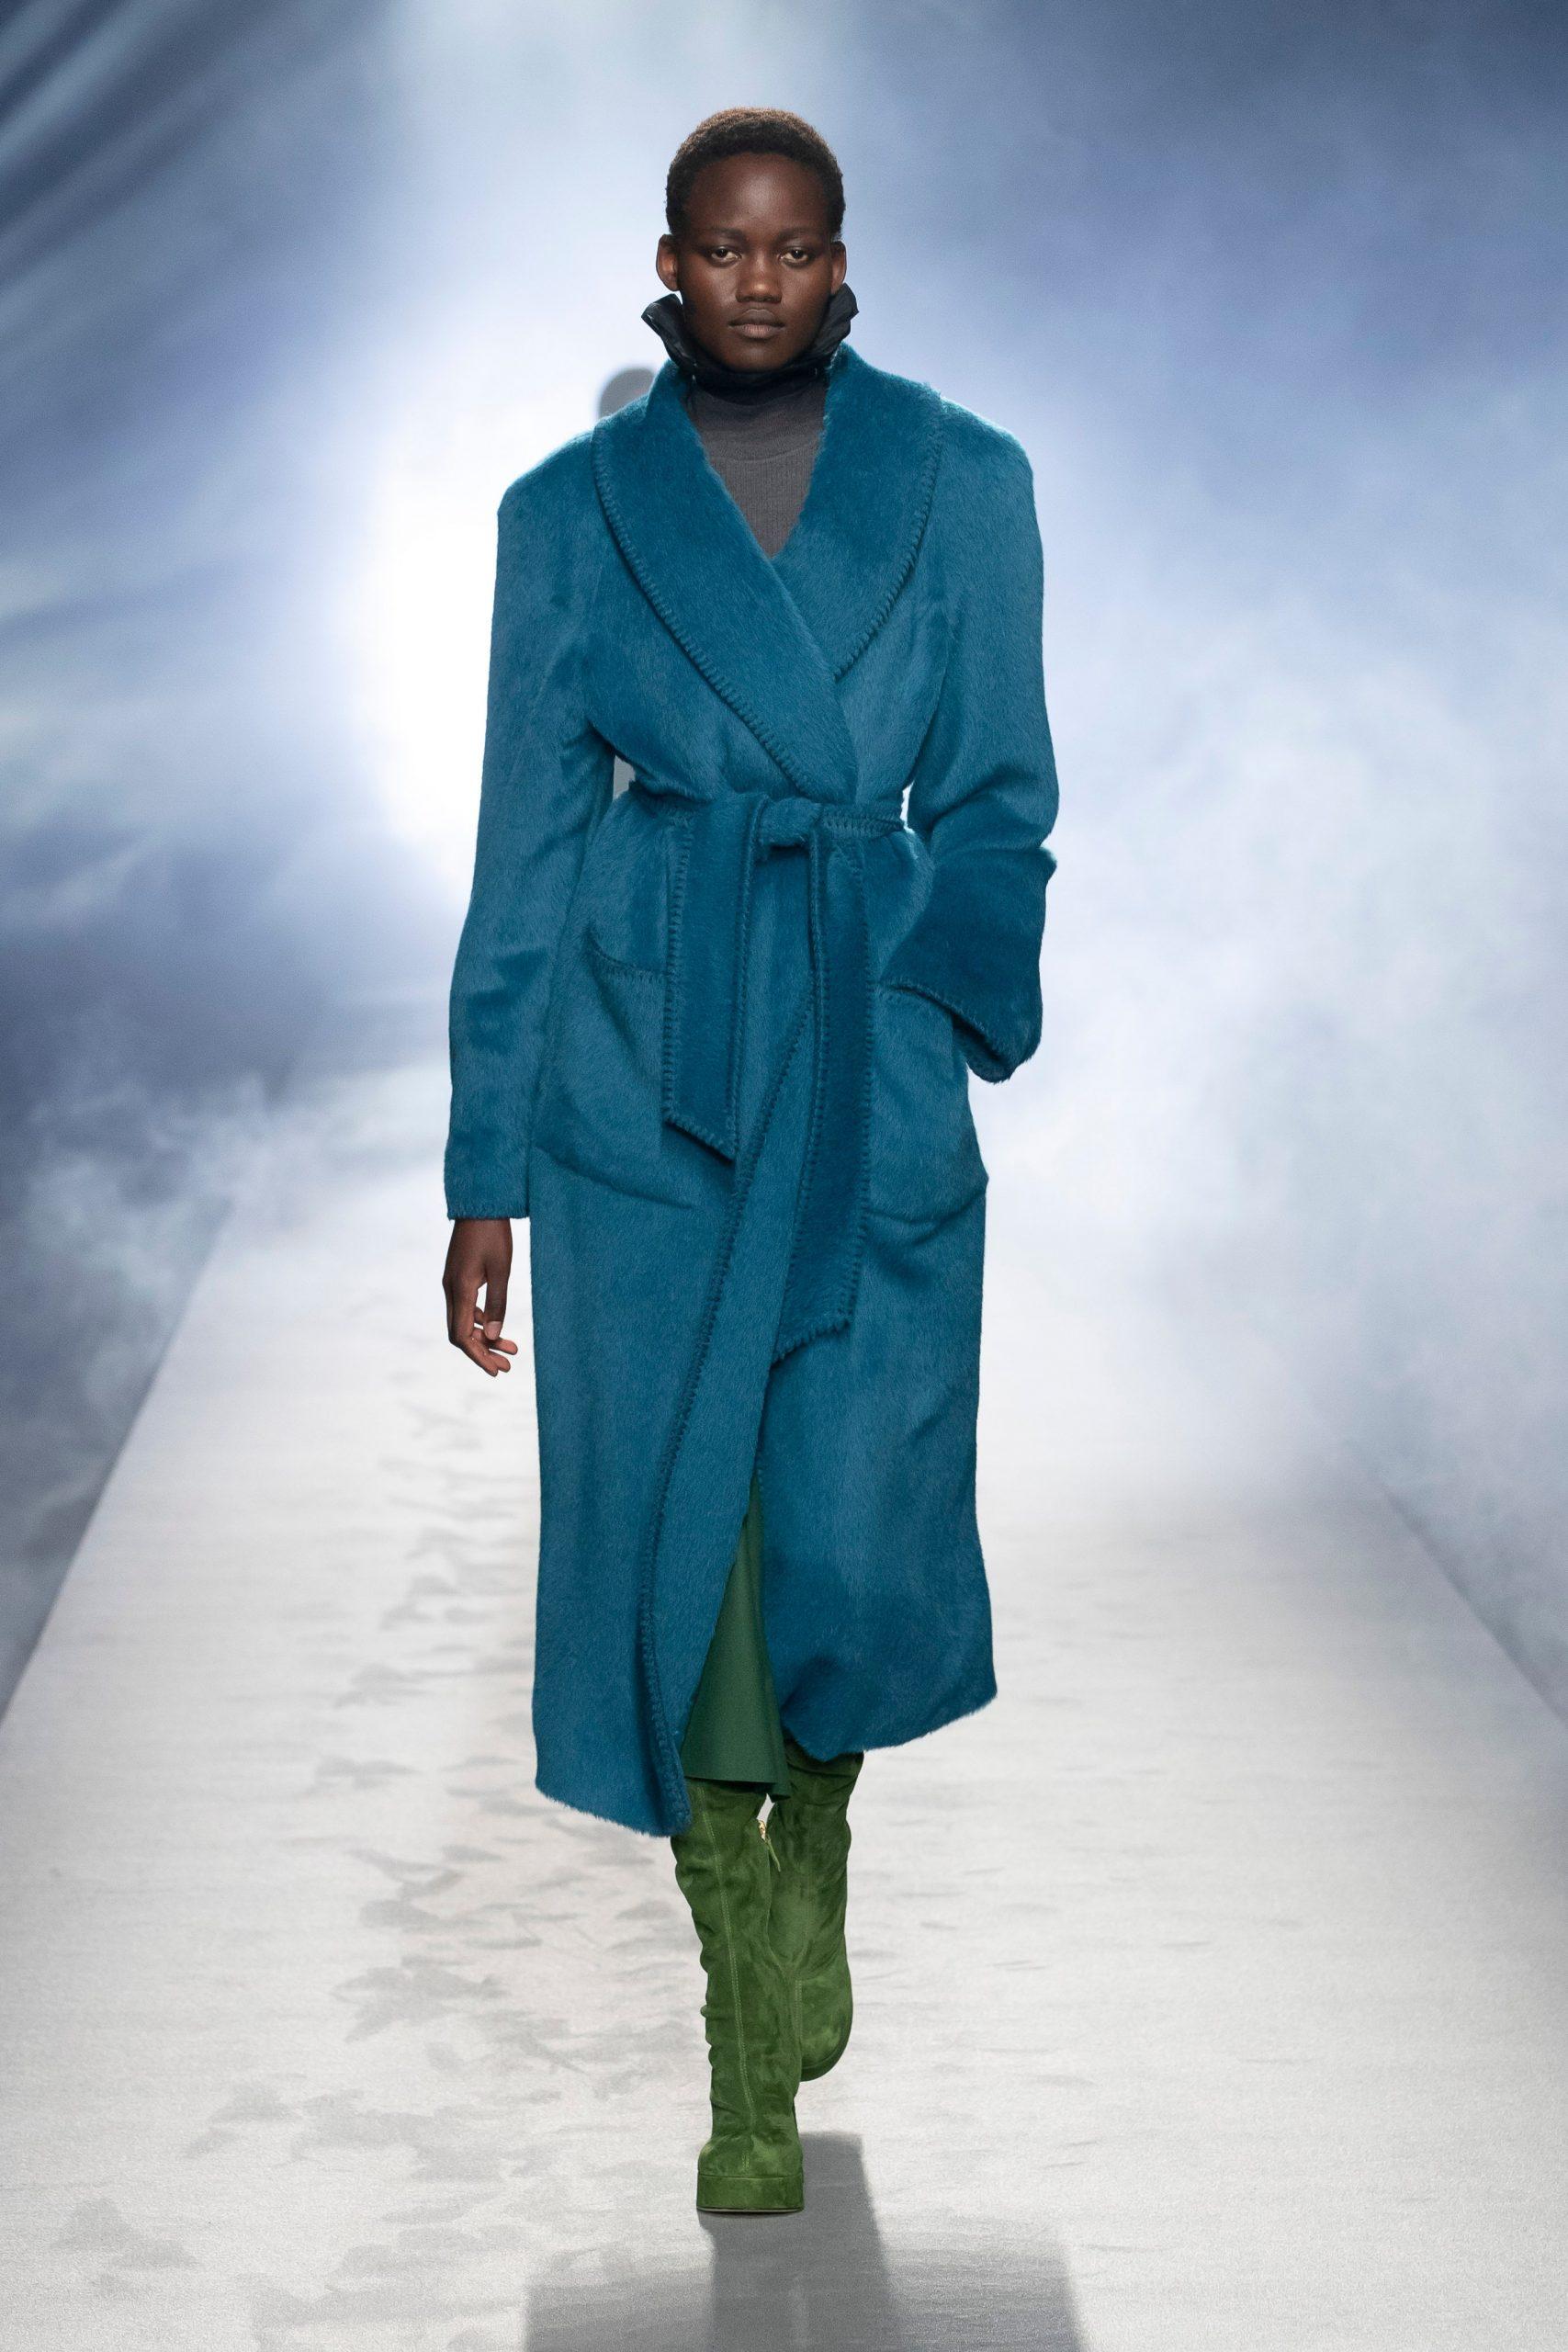 cappotti autunno inverno 2021/2022